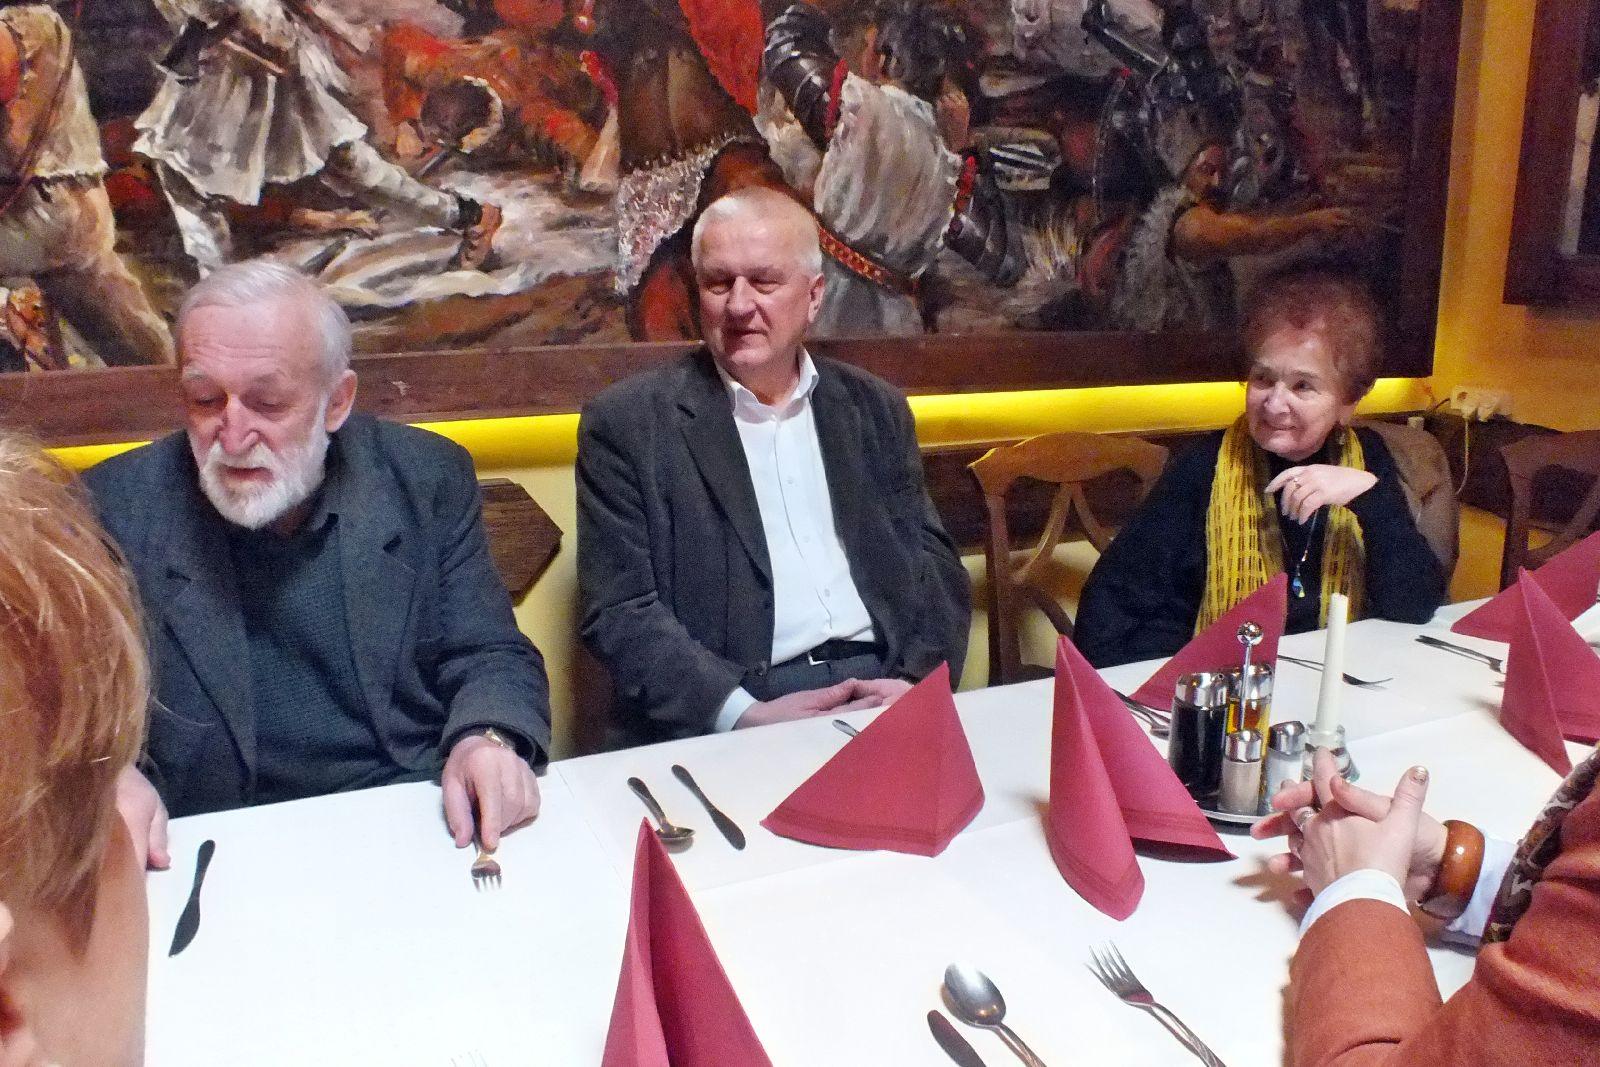 Oglądasz obraz z artykułu: Aktywni Seniorzy ZNP.